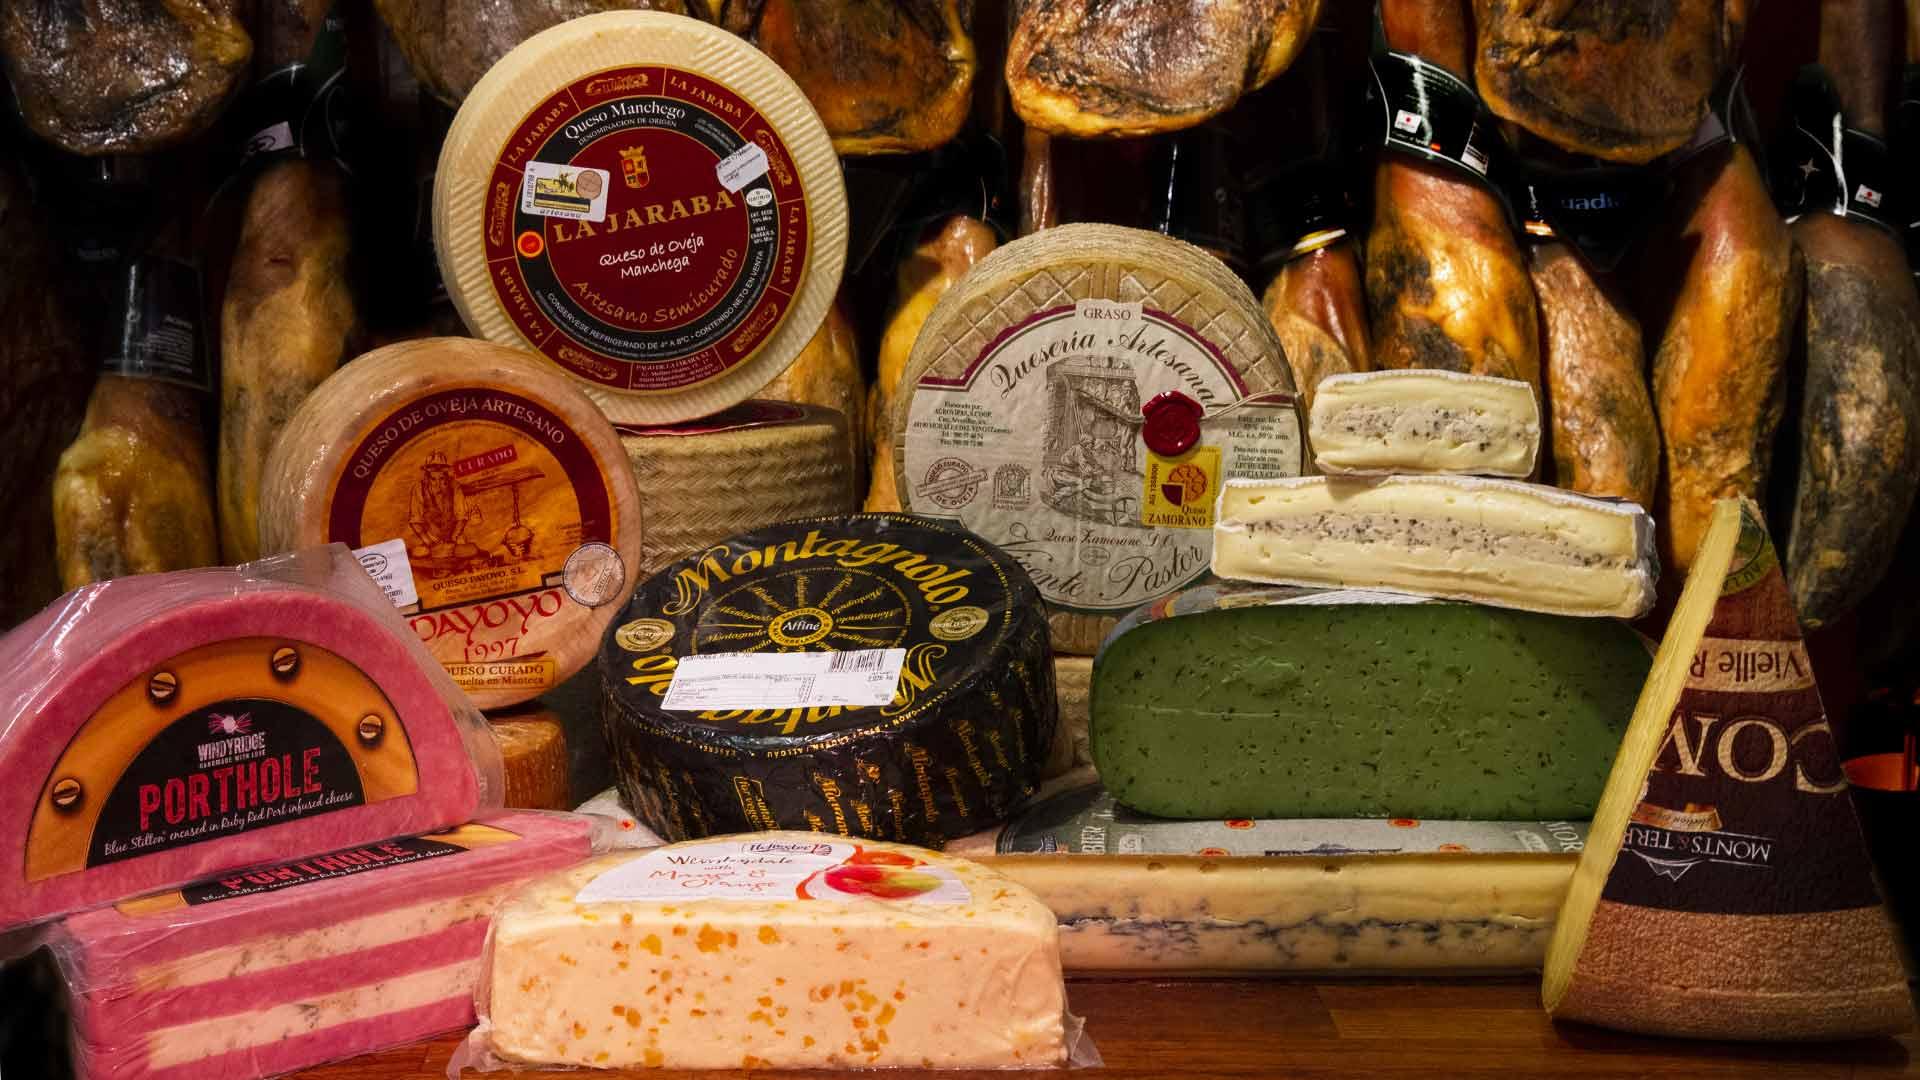 ¿Pasión por el queso? ¡Te va a encantar!